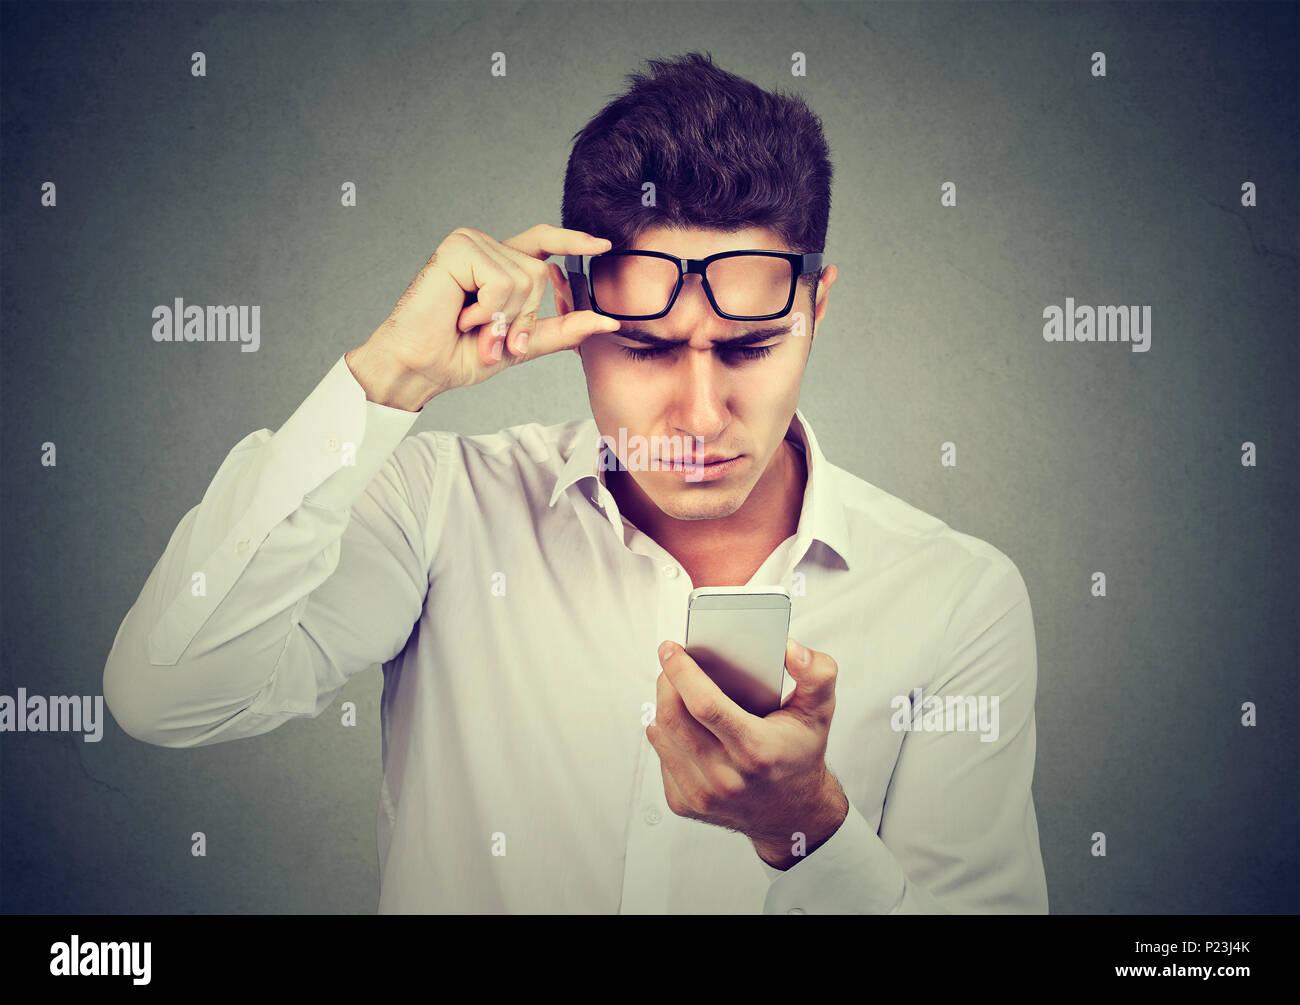 Giovane Uomo con occhiali aventi problemi a visualizzare cellulare ha problemi di visione. Bad messaggio di testo. Human percezione dell emozione Immagini Stock